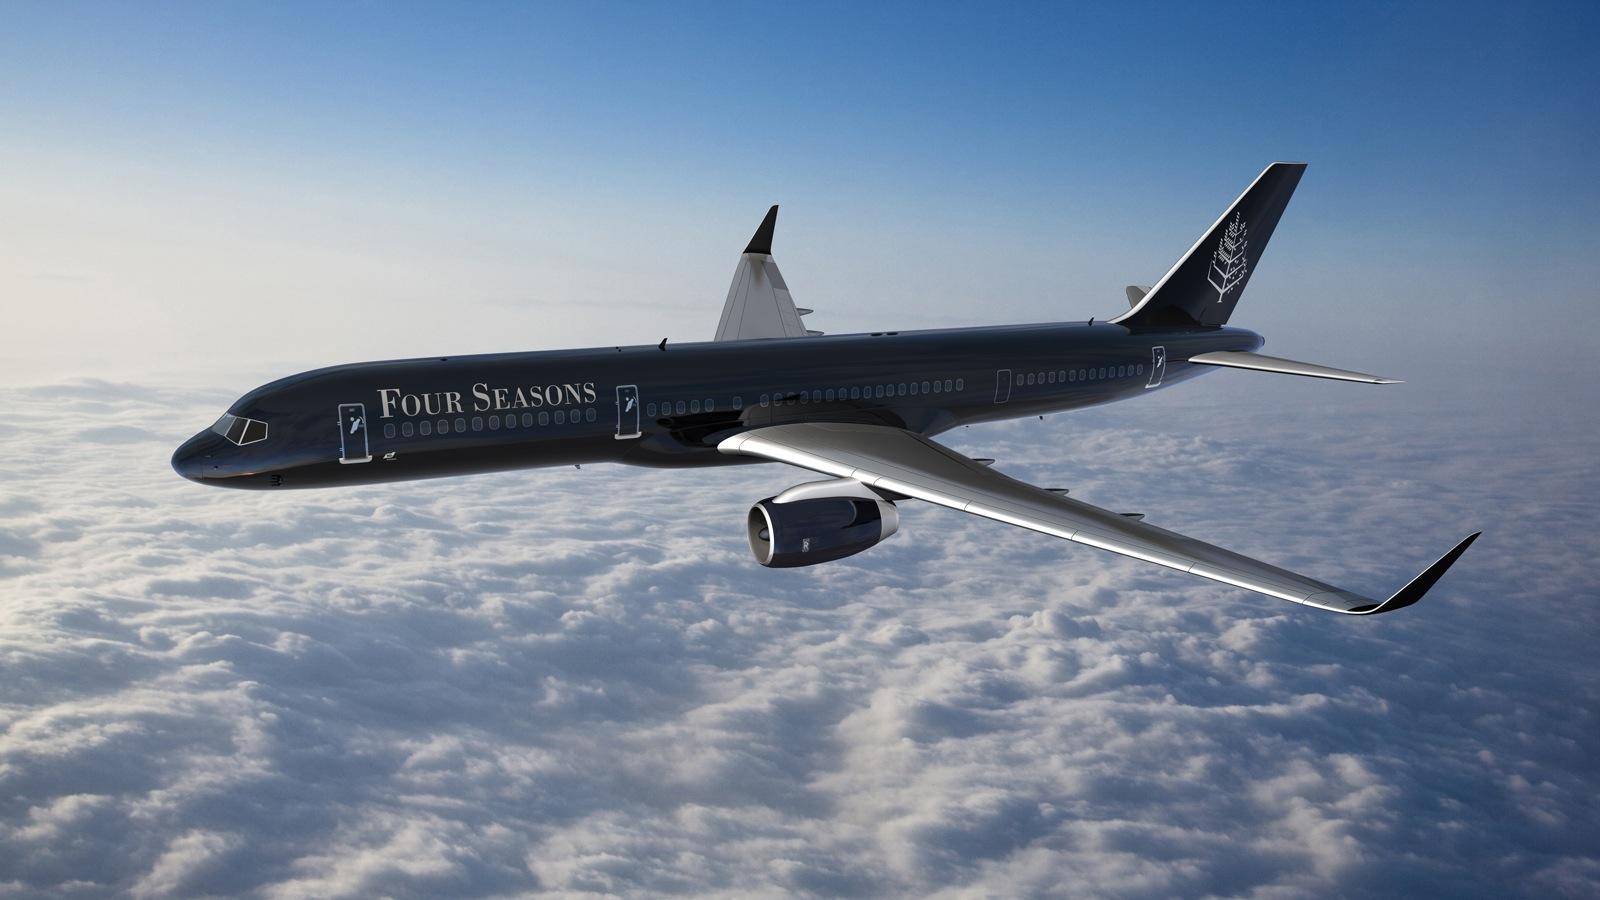 Pesawat Boeing 757 yang digunakan sebagai jet pribadi milik Four Seasons Hotels and Resorts.